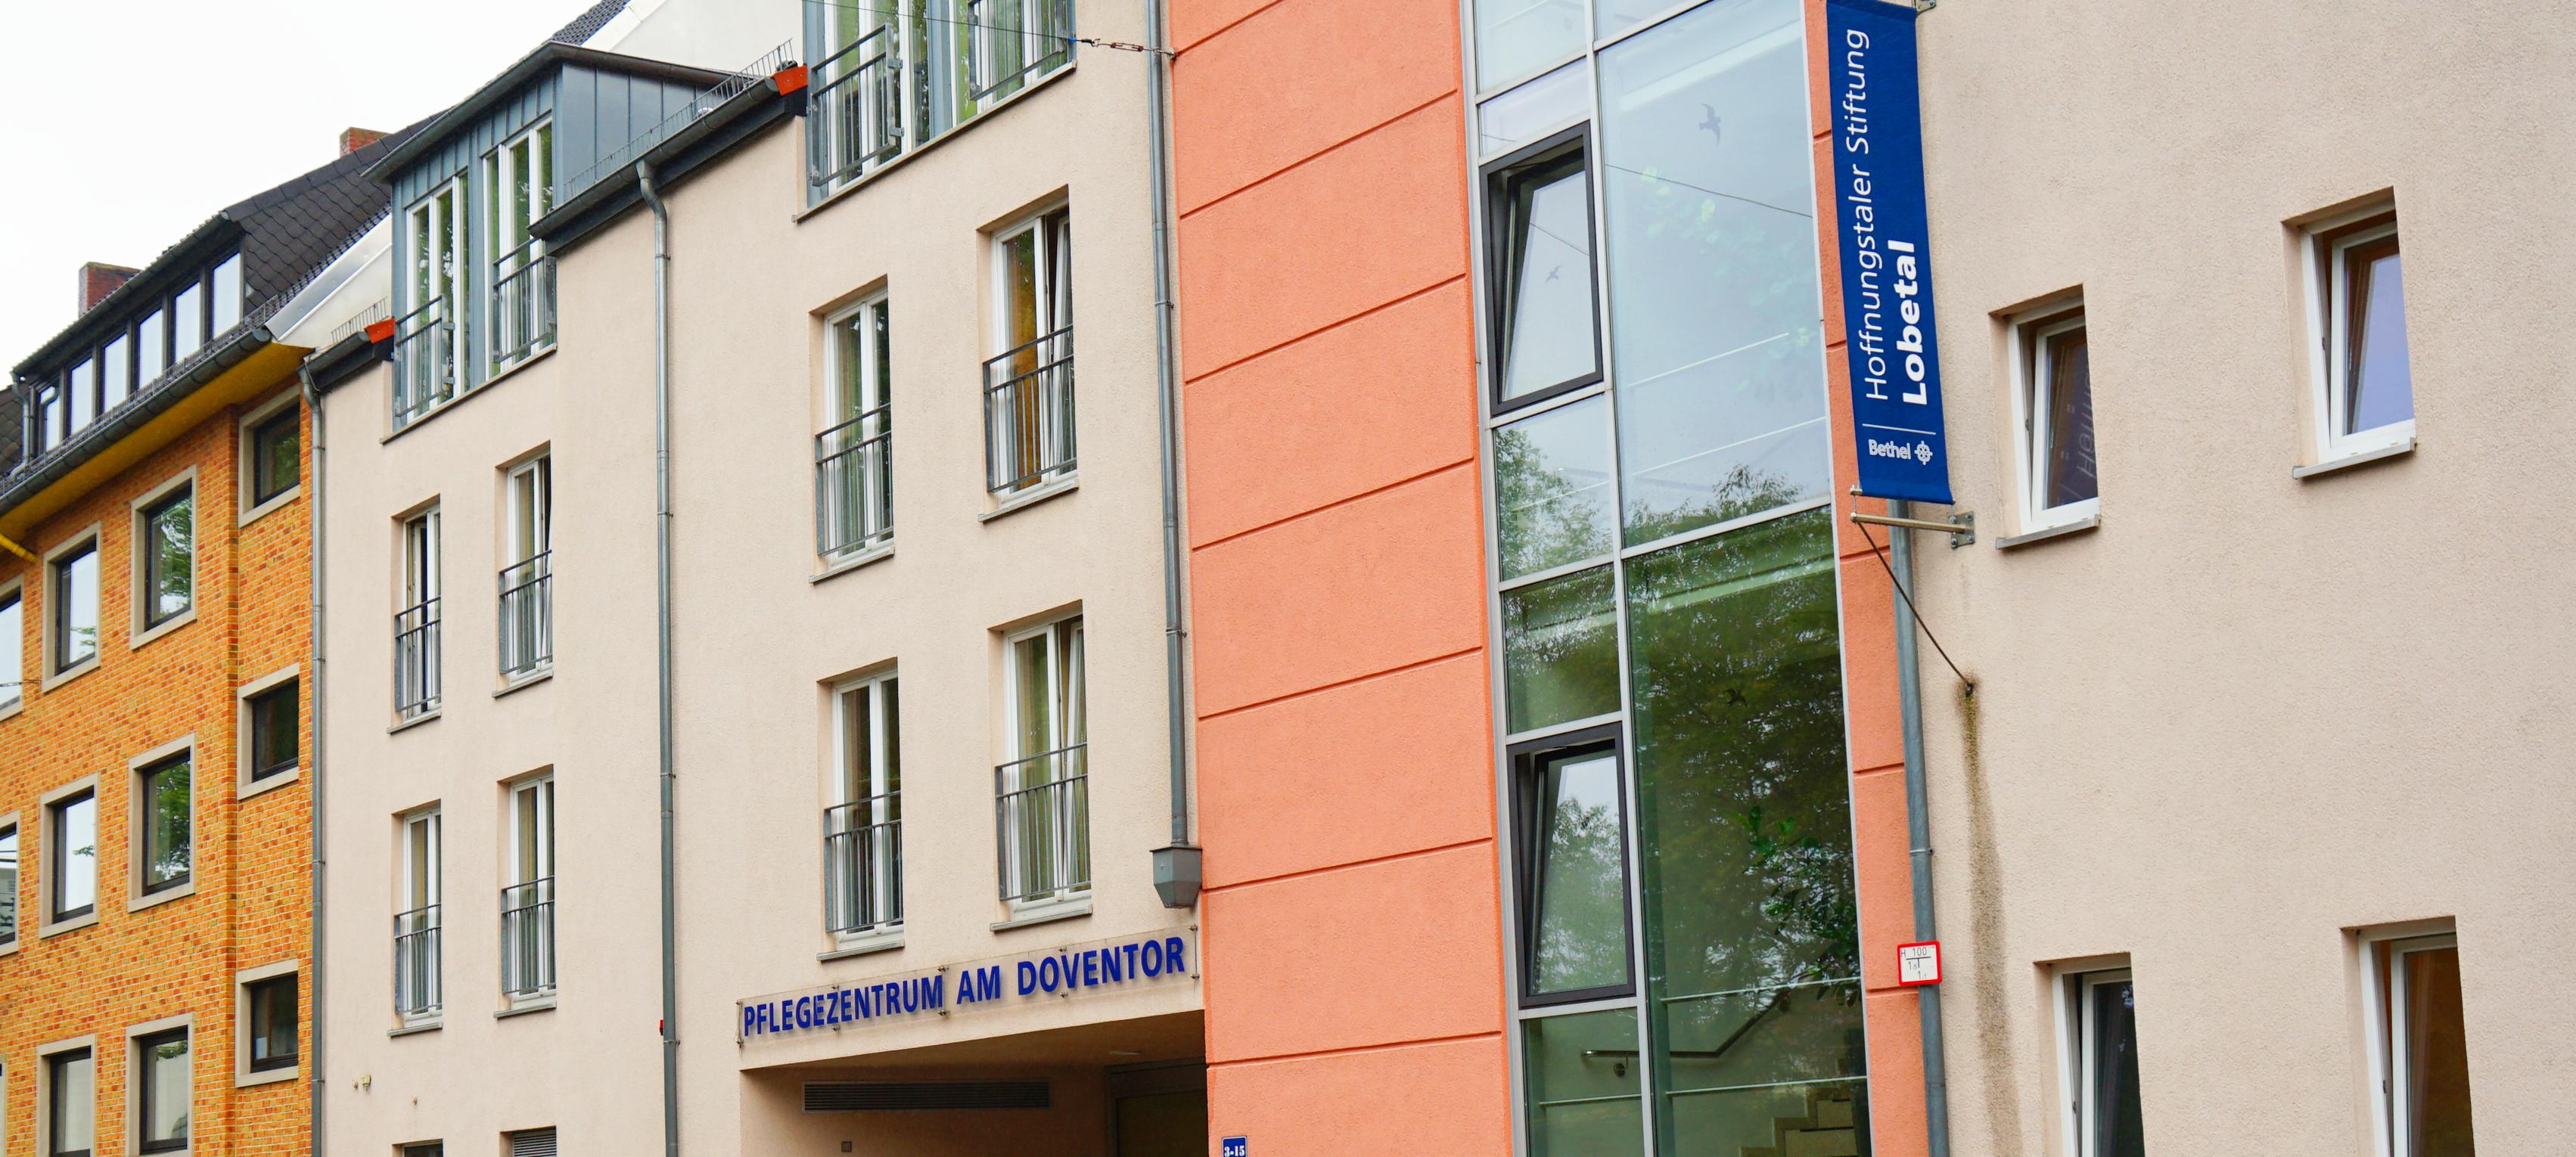 Hoffnungstaler Stiftung Lobetal - Pflegezentrum Am Doventor